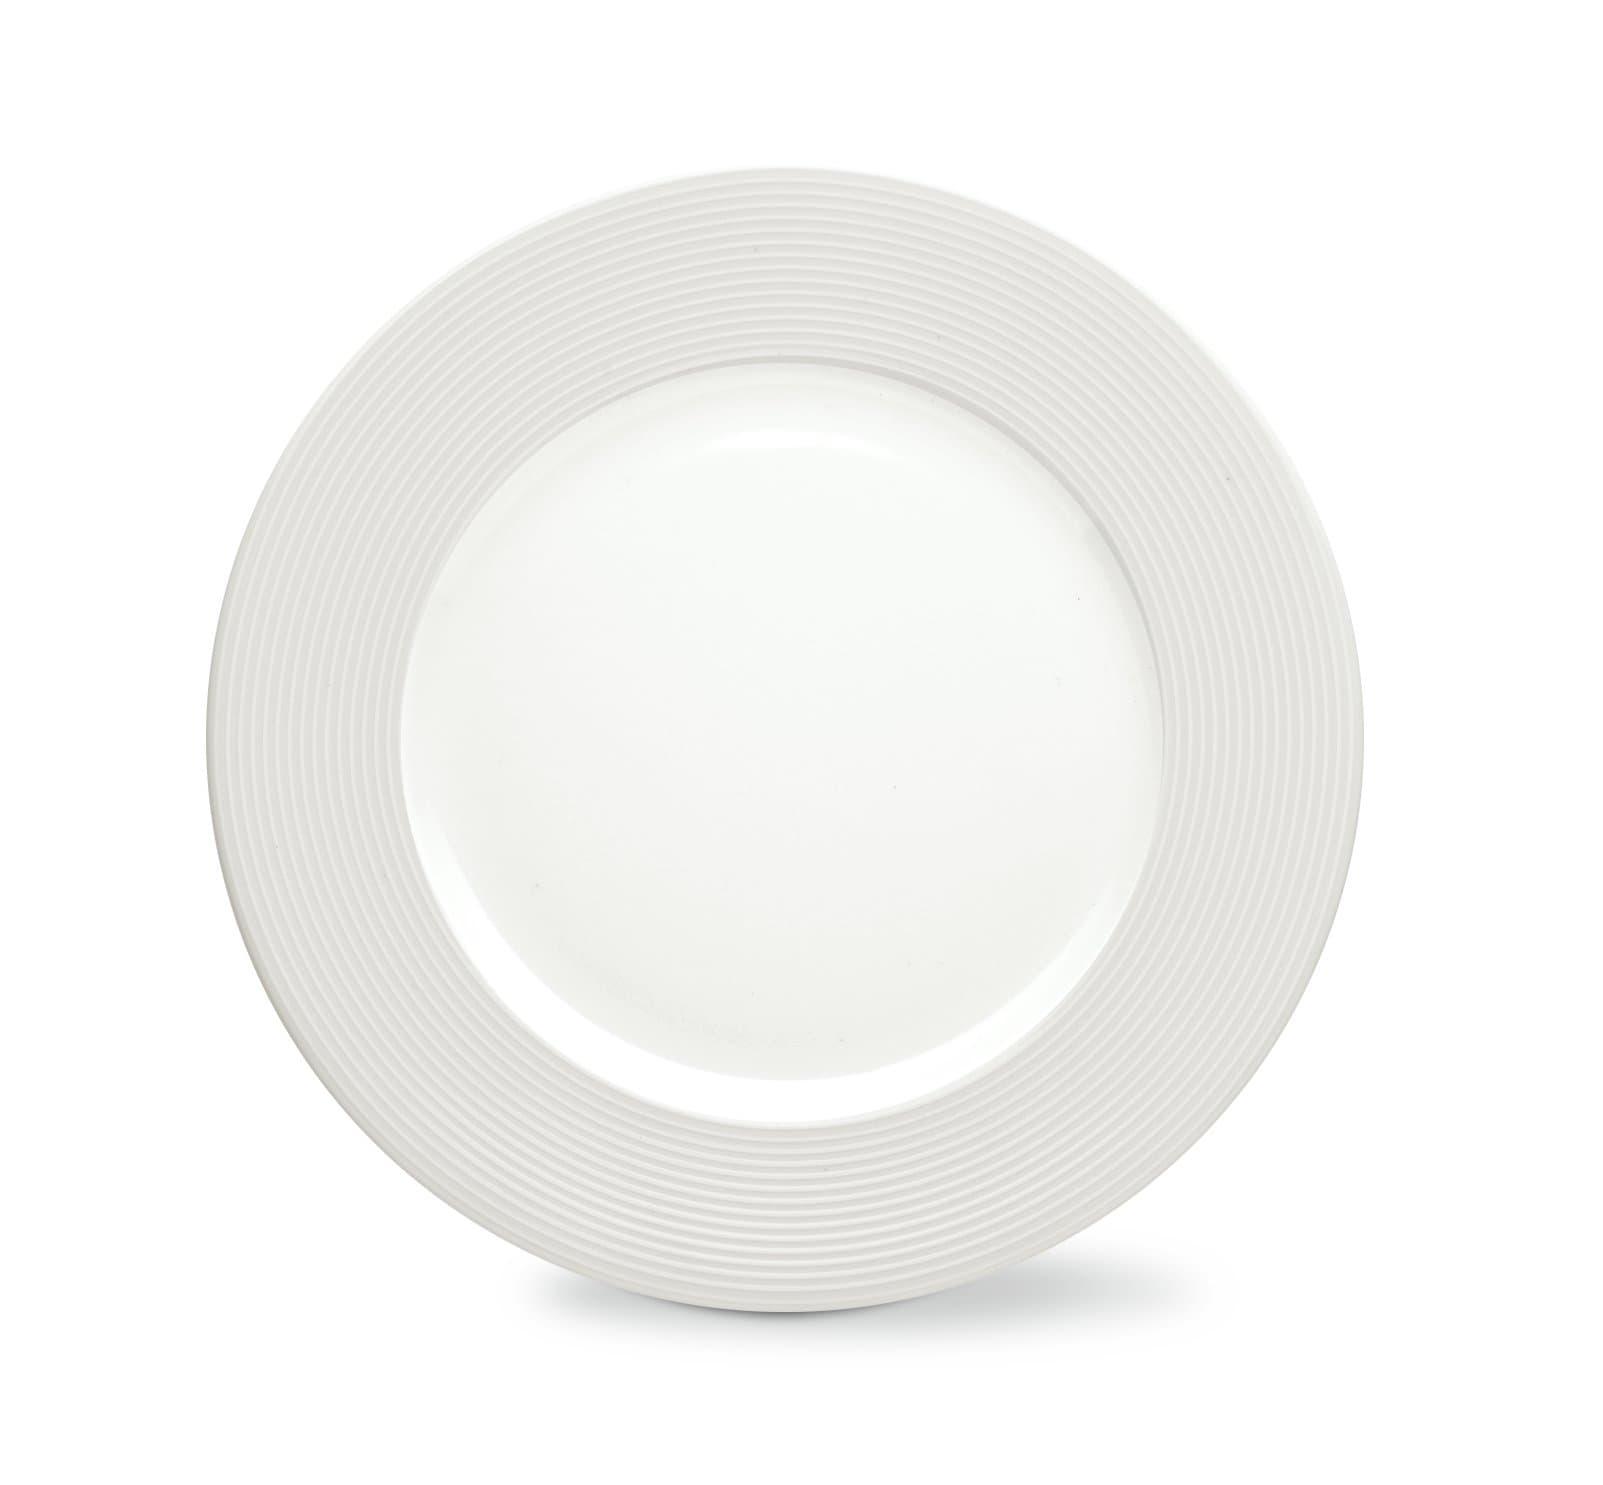 Cucina & Tavola VIENNA Dessertteller